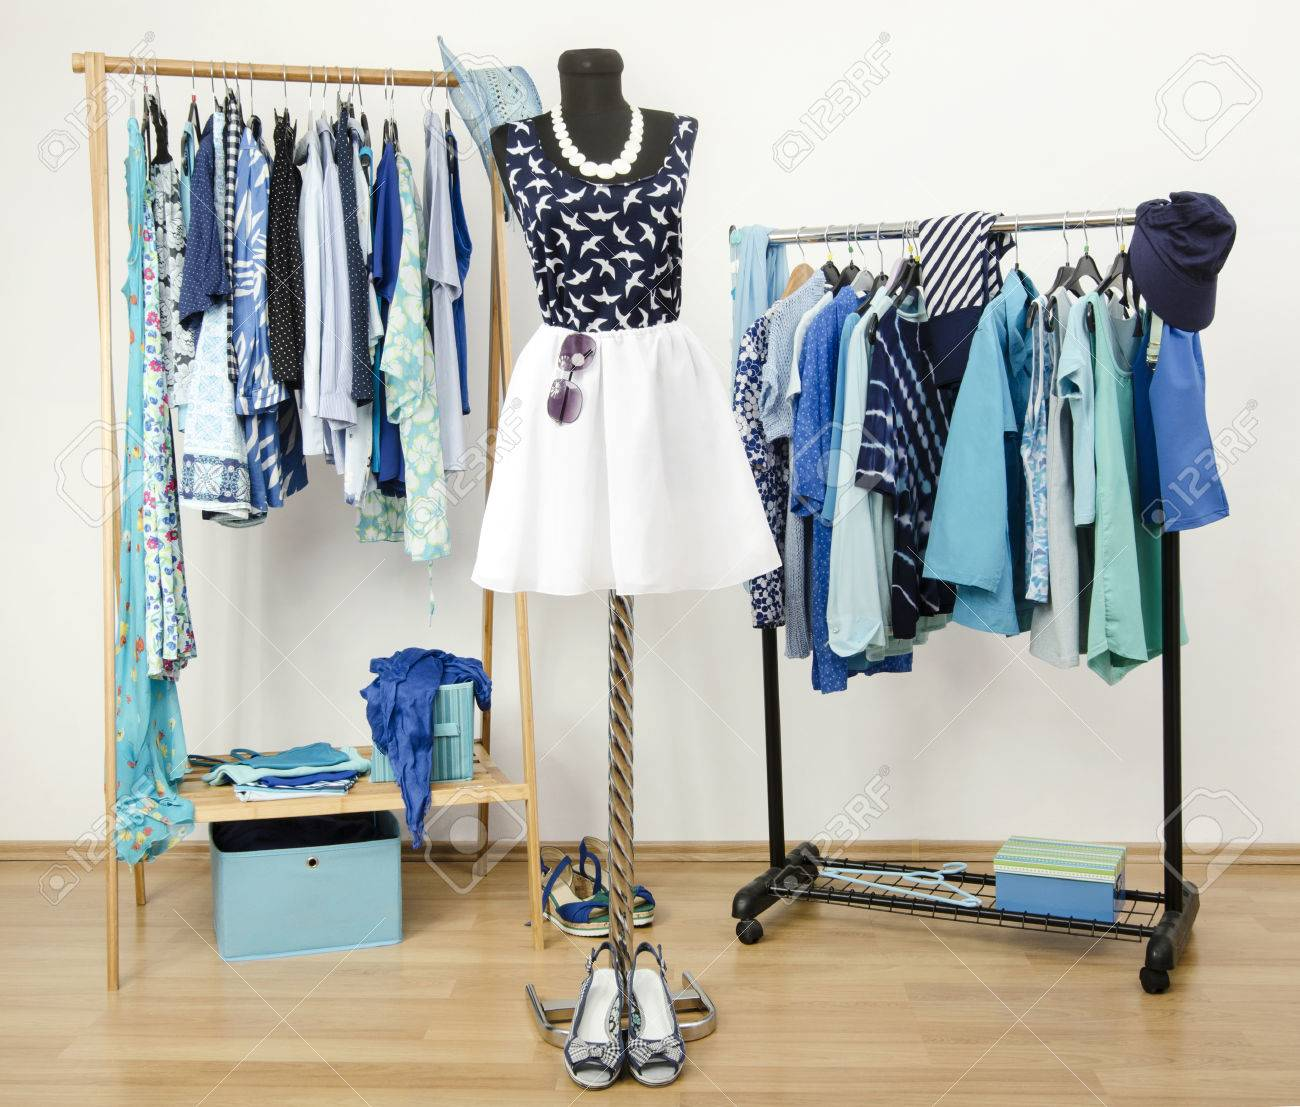 Los Azul Verano Ropa Con De Tonos Vestir PerchasTraje Un Y Dispuestos ManiquíLleno Armario Todos En Lindo RopaZapatos 7b6ygYfv